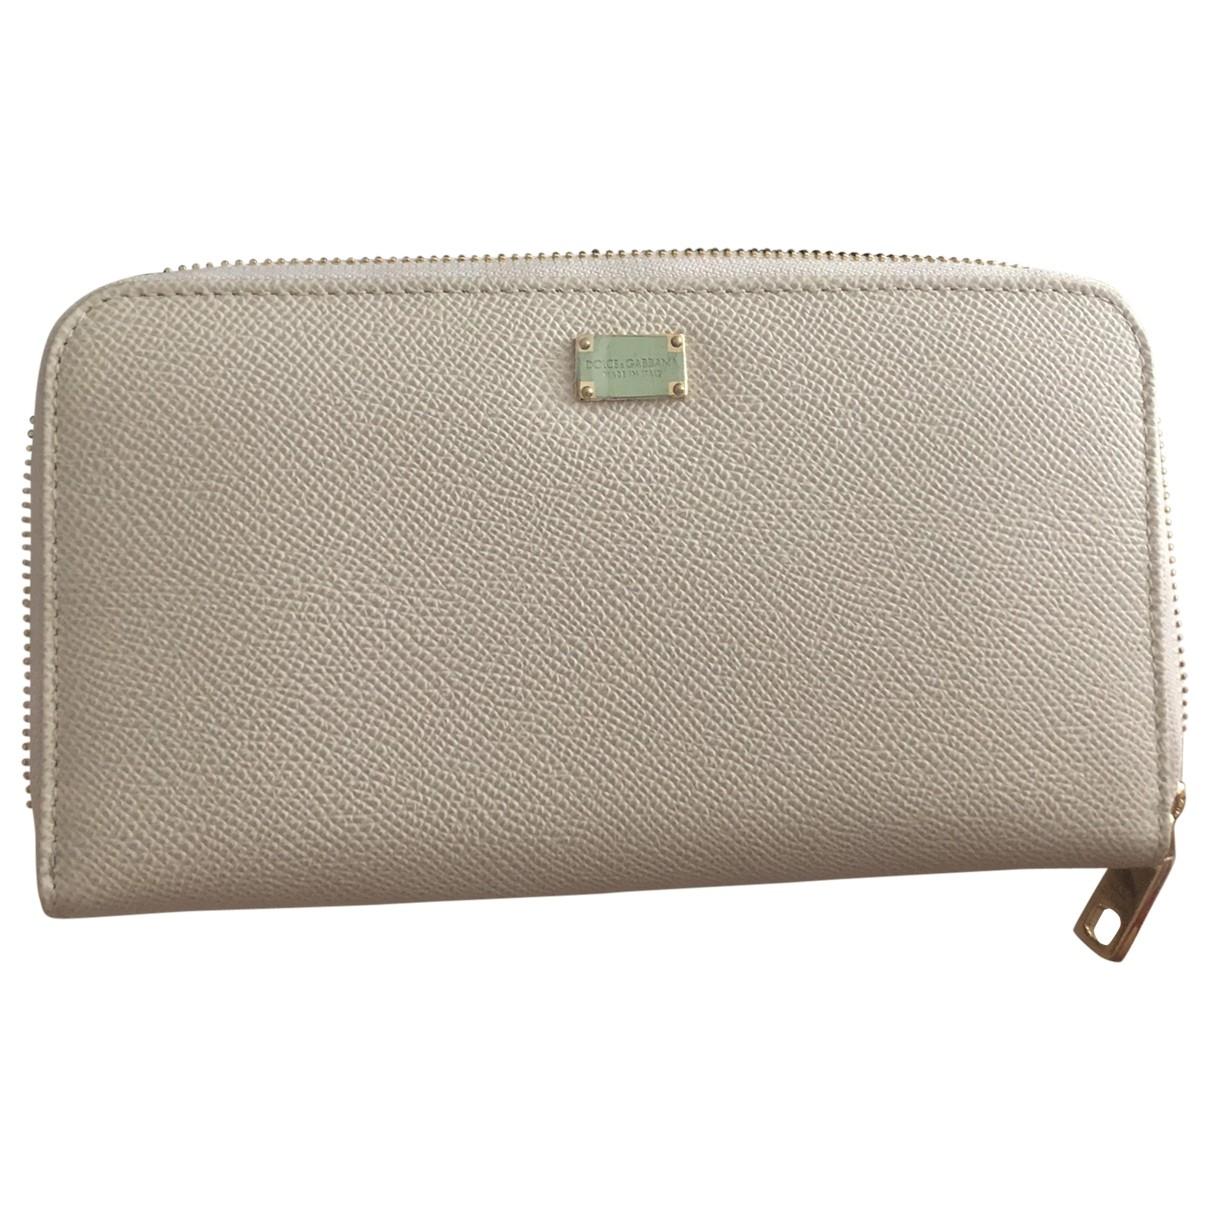 Dolce & Gabbana - Portefeuille   pour femme en cuir - blanc